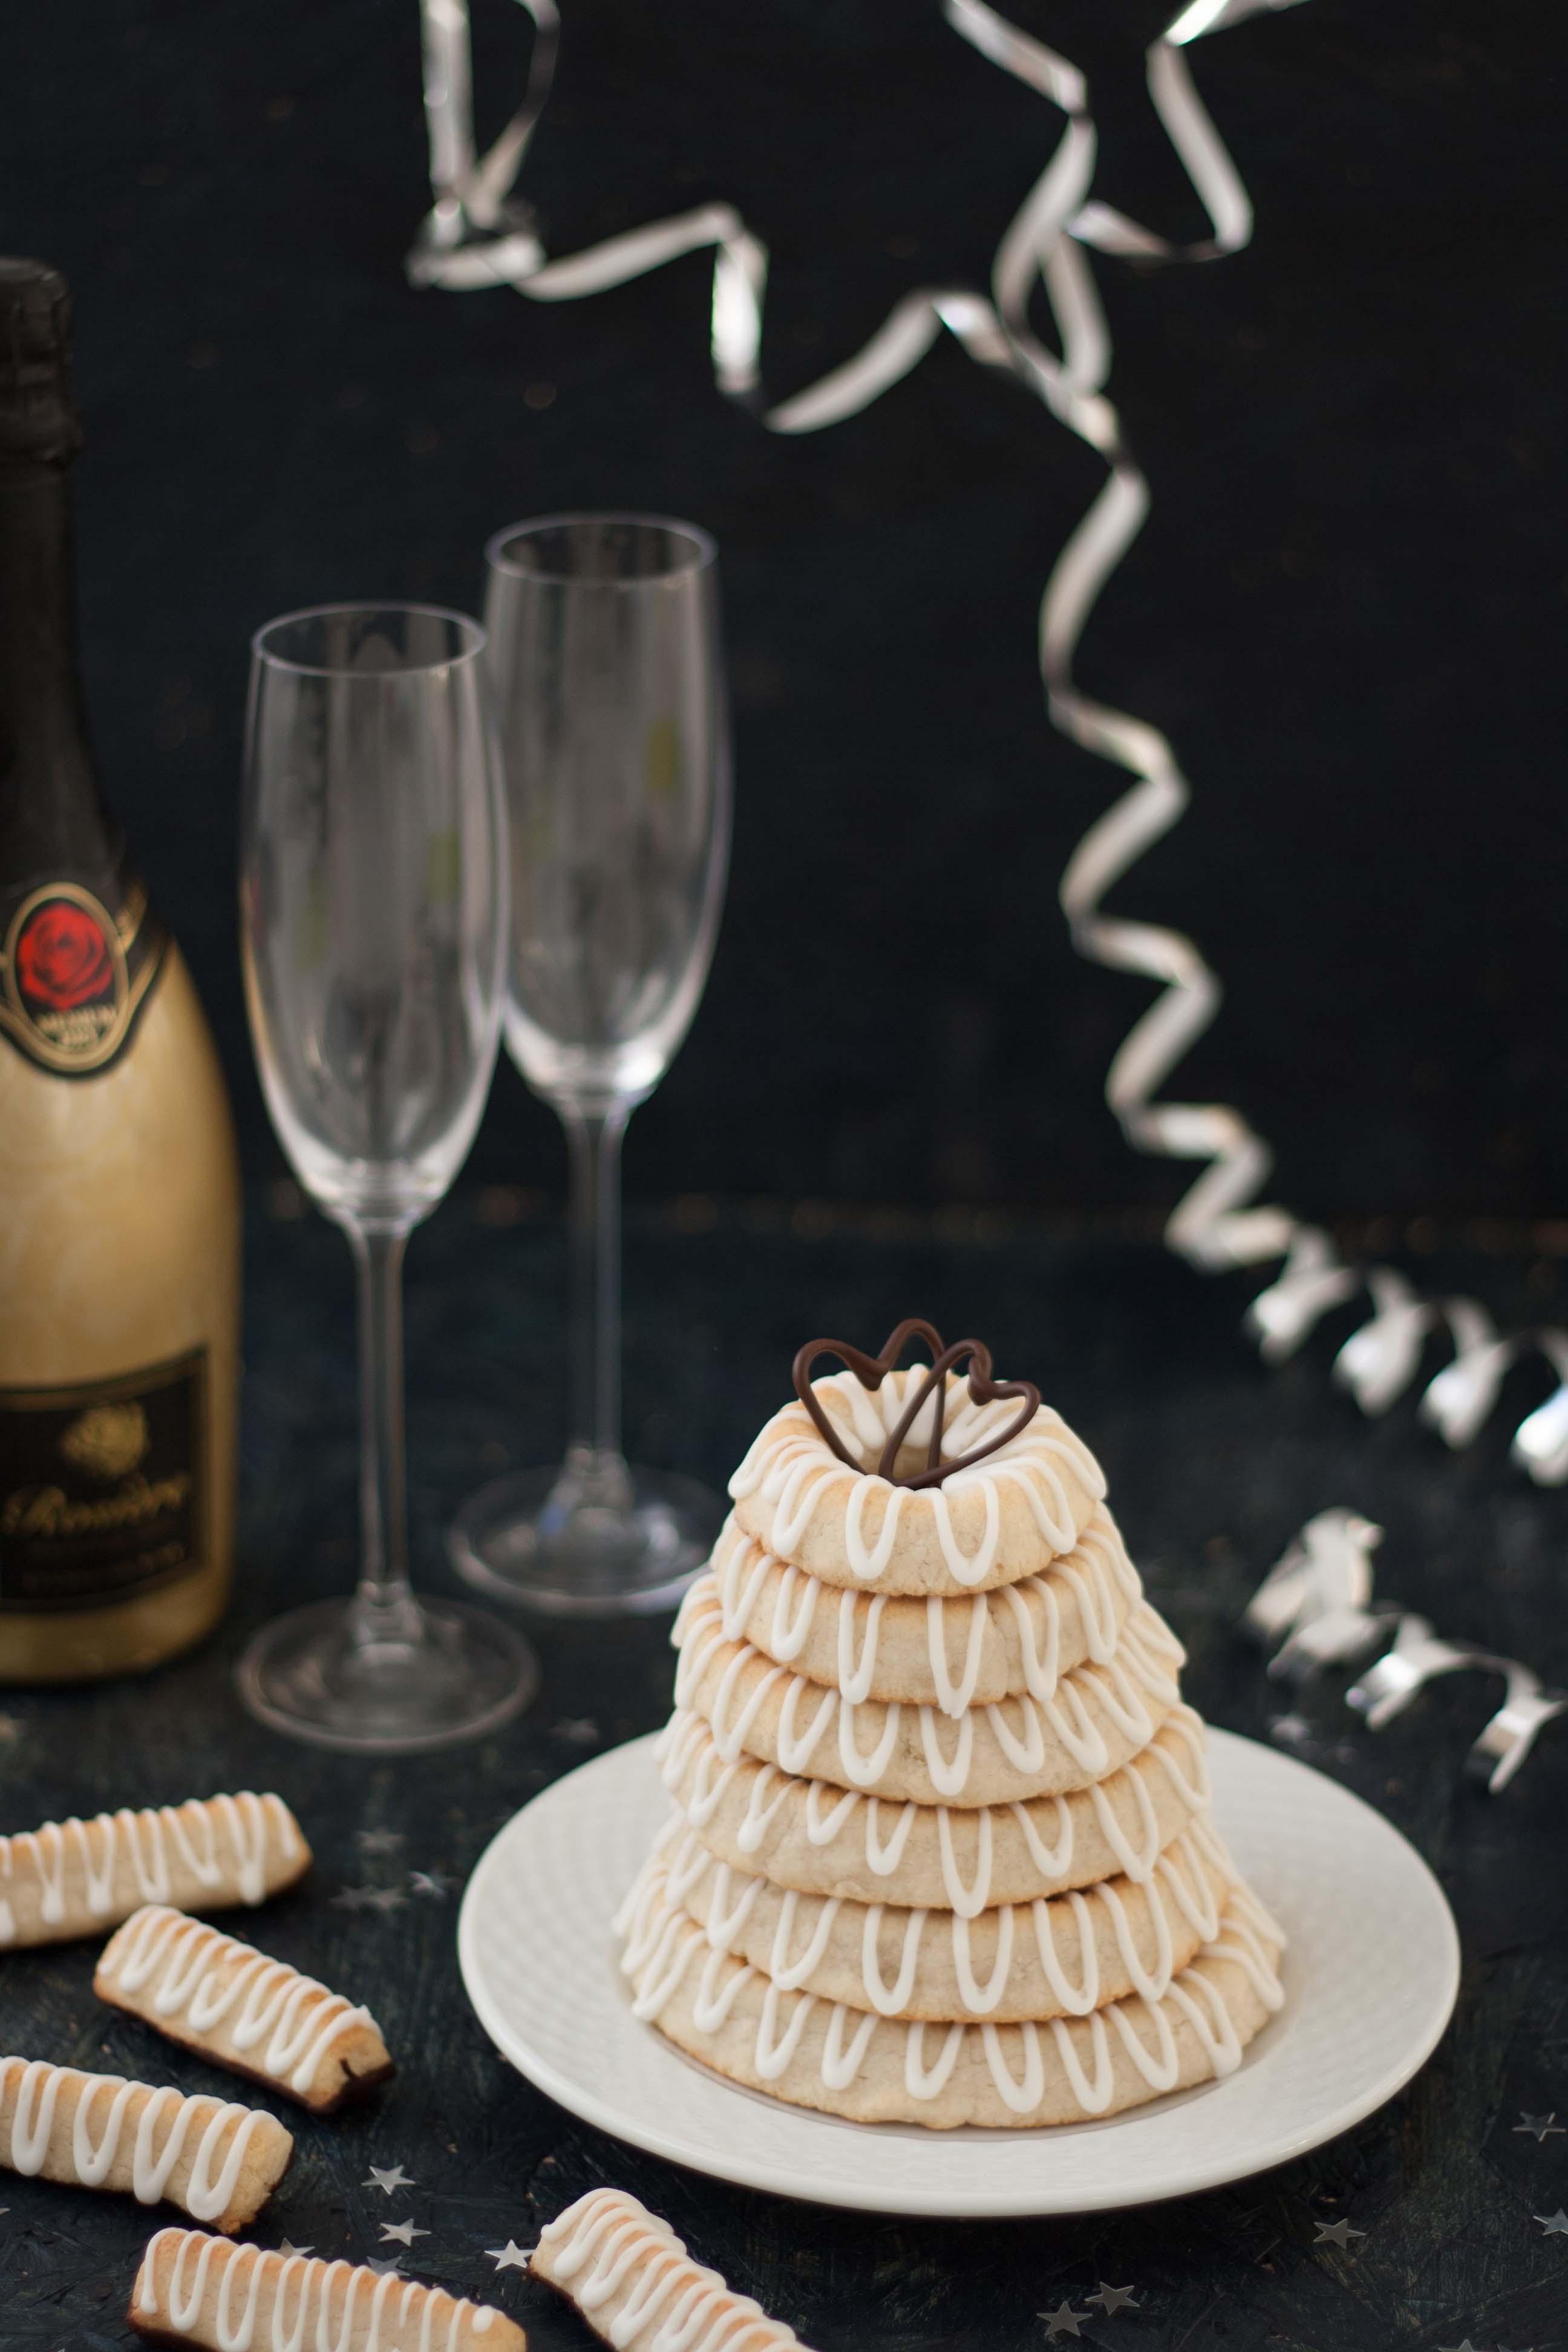 Homemade Marzipan Ring Cake (kransekage)